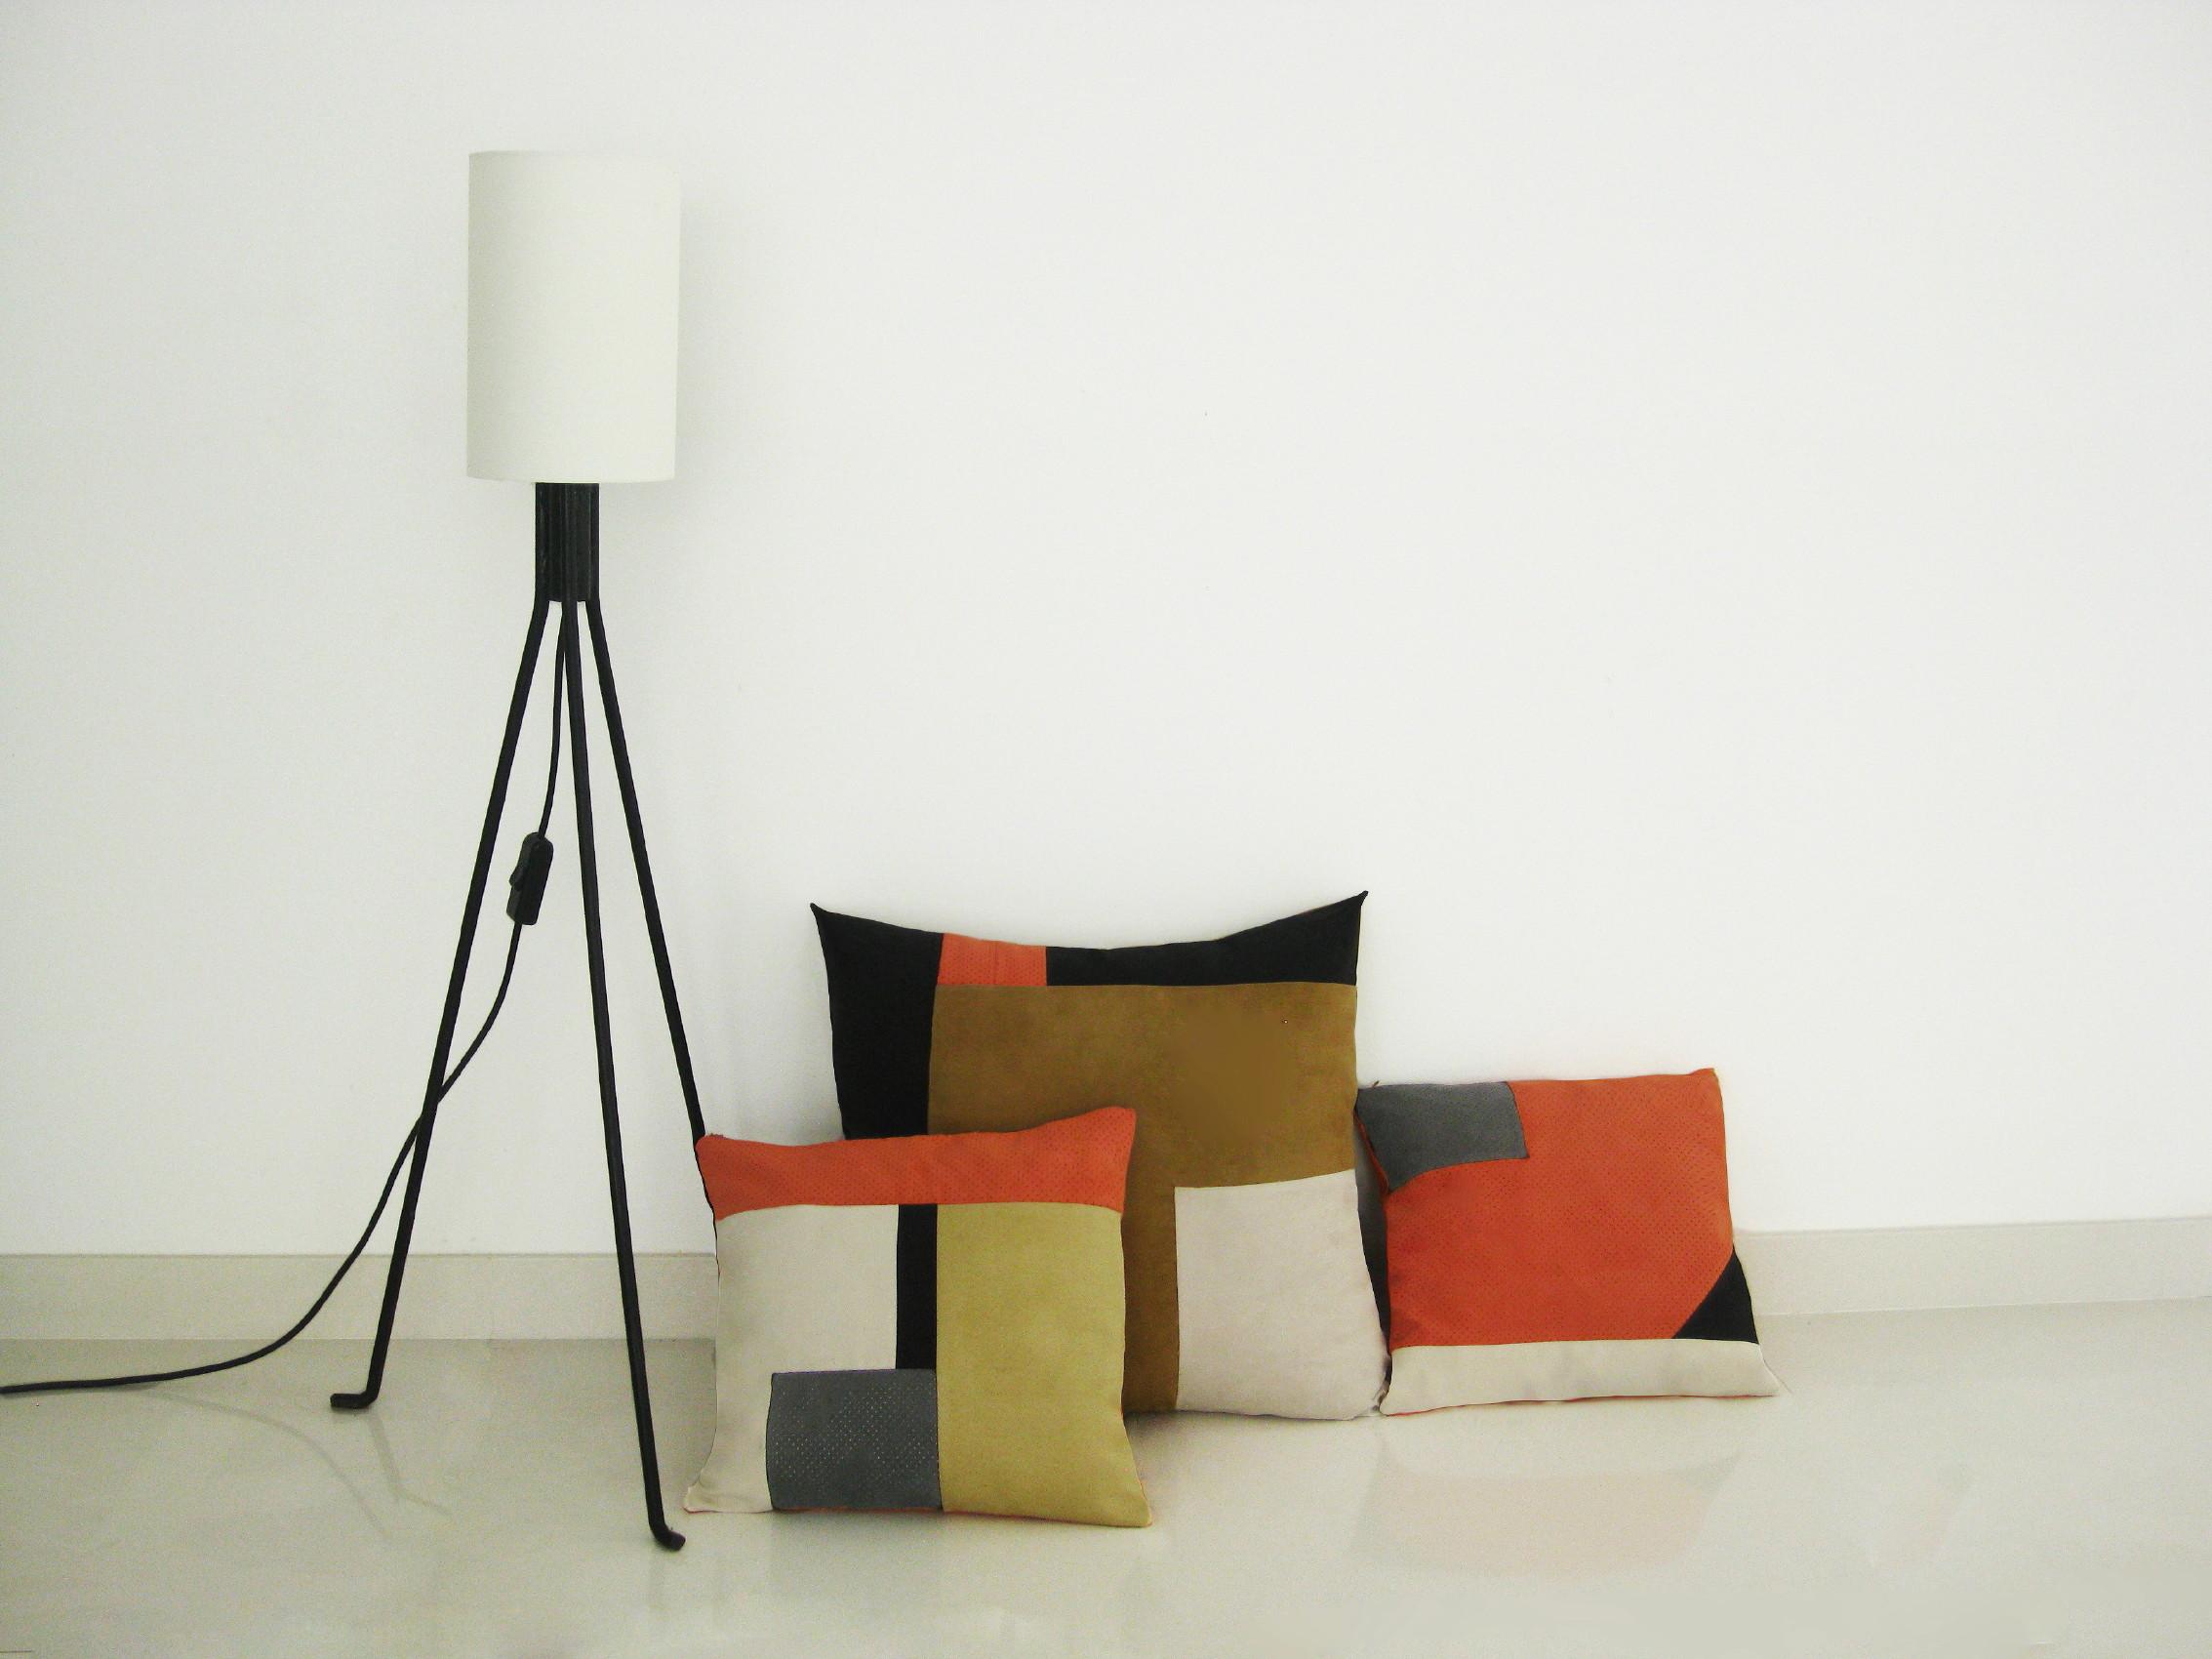 nova-linija-decora-kolekcija-jastuka-modne dizajnerice-marine-prevolsek-8